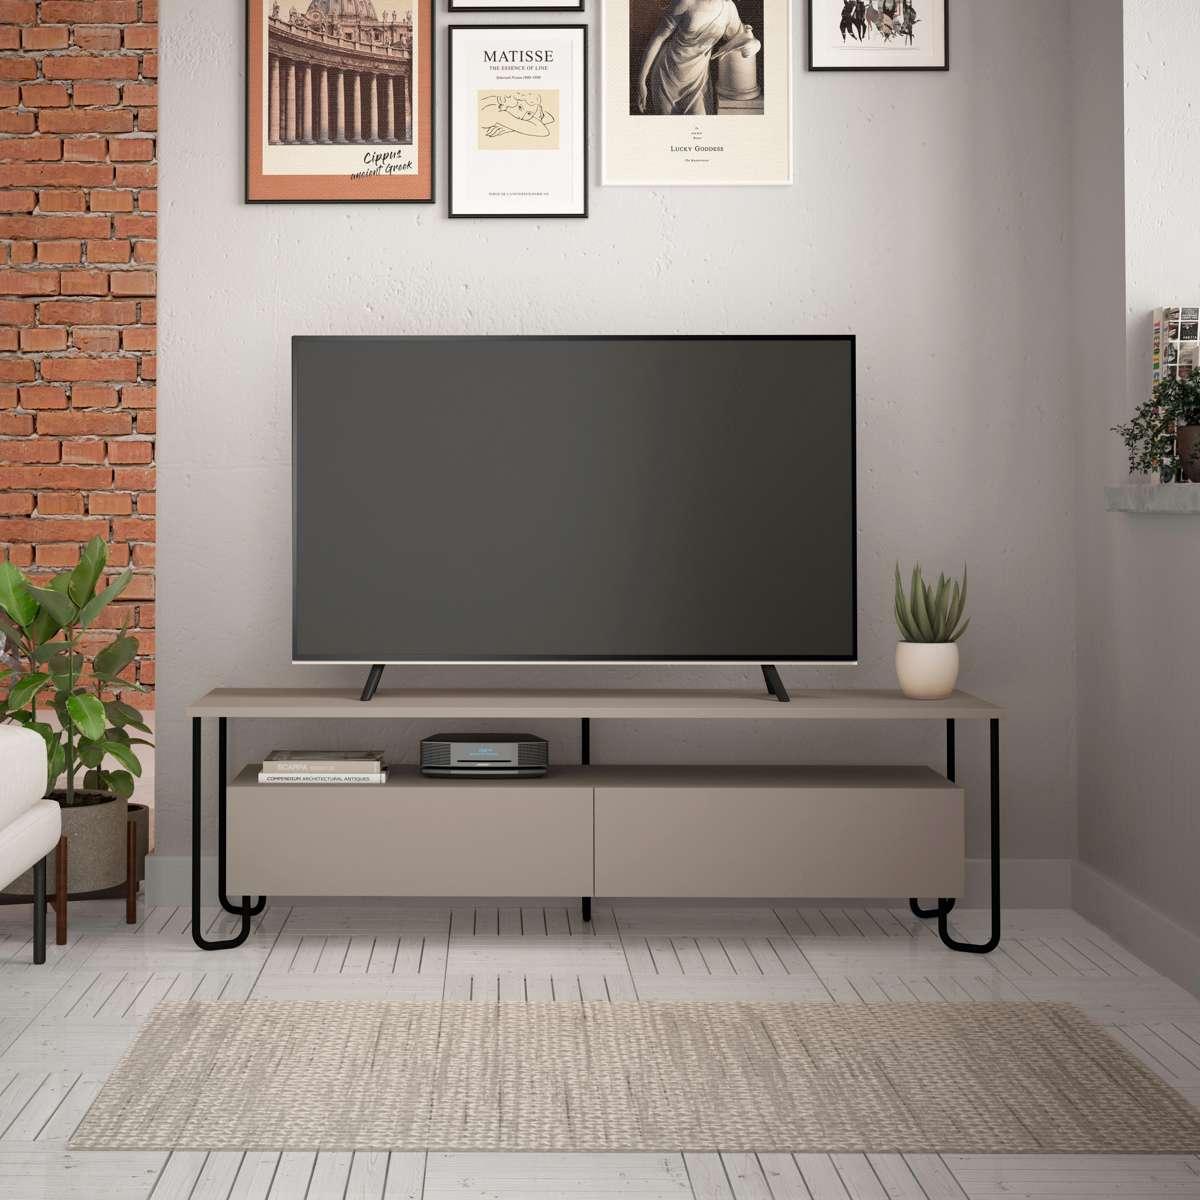 מזנון טלוויזיה פינתי Cornea TV מוקה 150 ס